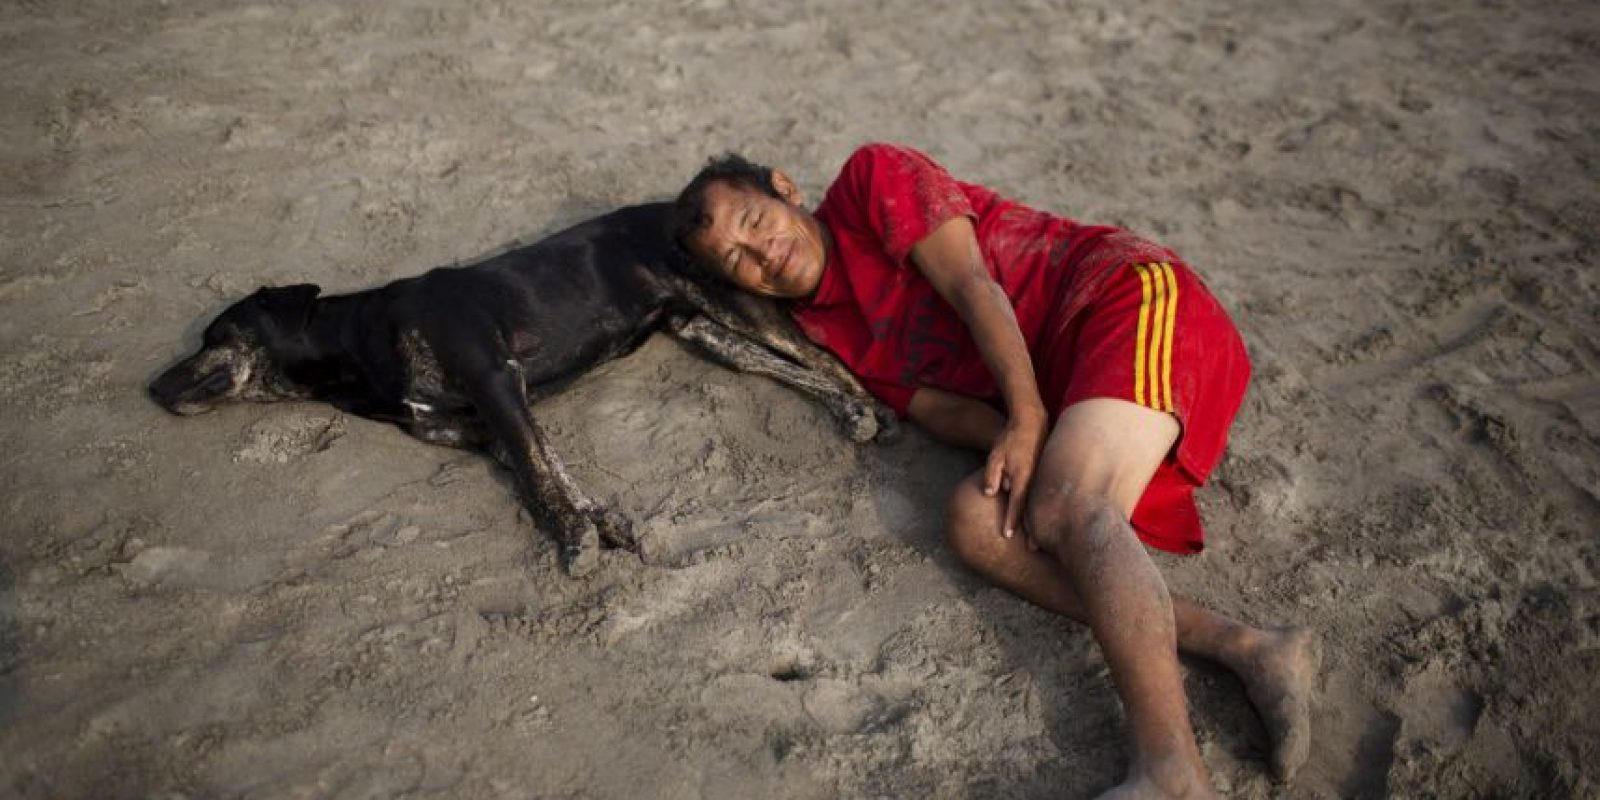 En esta foto, tomada el 25 de abril de 2015, un hombre y un perro descansan sobre la arena de la playa Pescadores antes de un baño terapéutico en sus aguas, en Lima, Perú. En la costa de Lima, la gente busca alivio para las dolencias que los médicos no han sido capaces de tratar. Foto:AP/ Rodrigo Abd